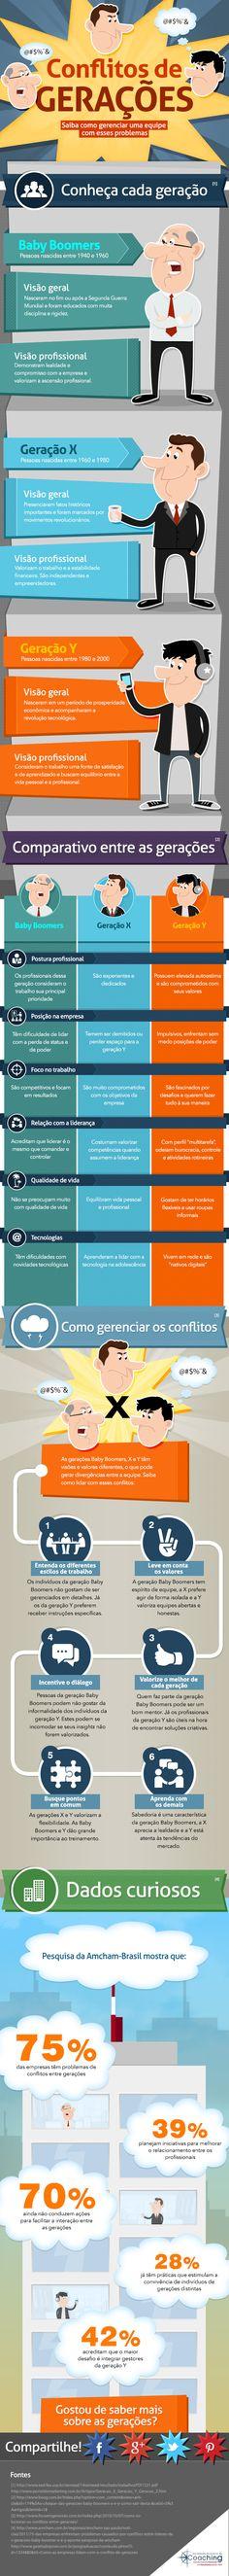 Como Gerenciar Conflitos de Gerações: Geração X, Y e Baby Boomers - Infográfico